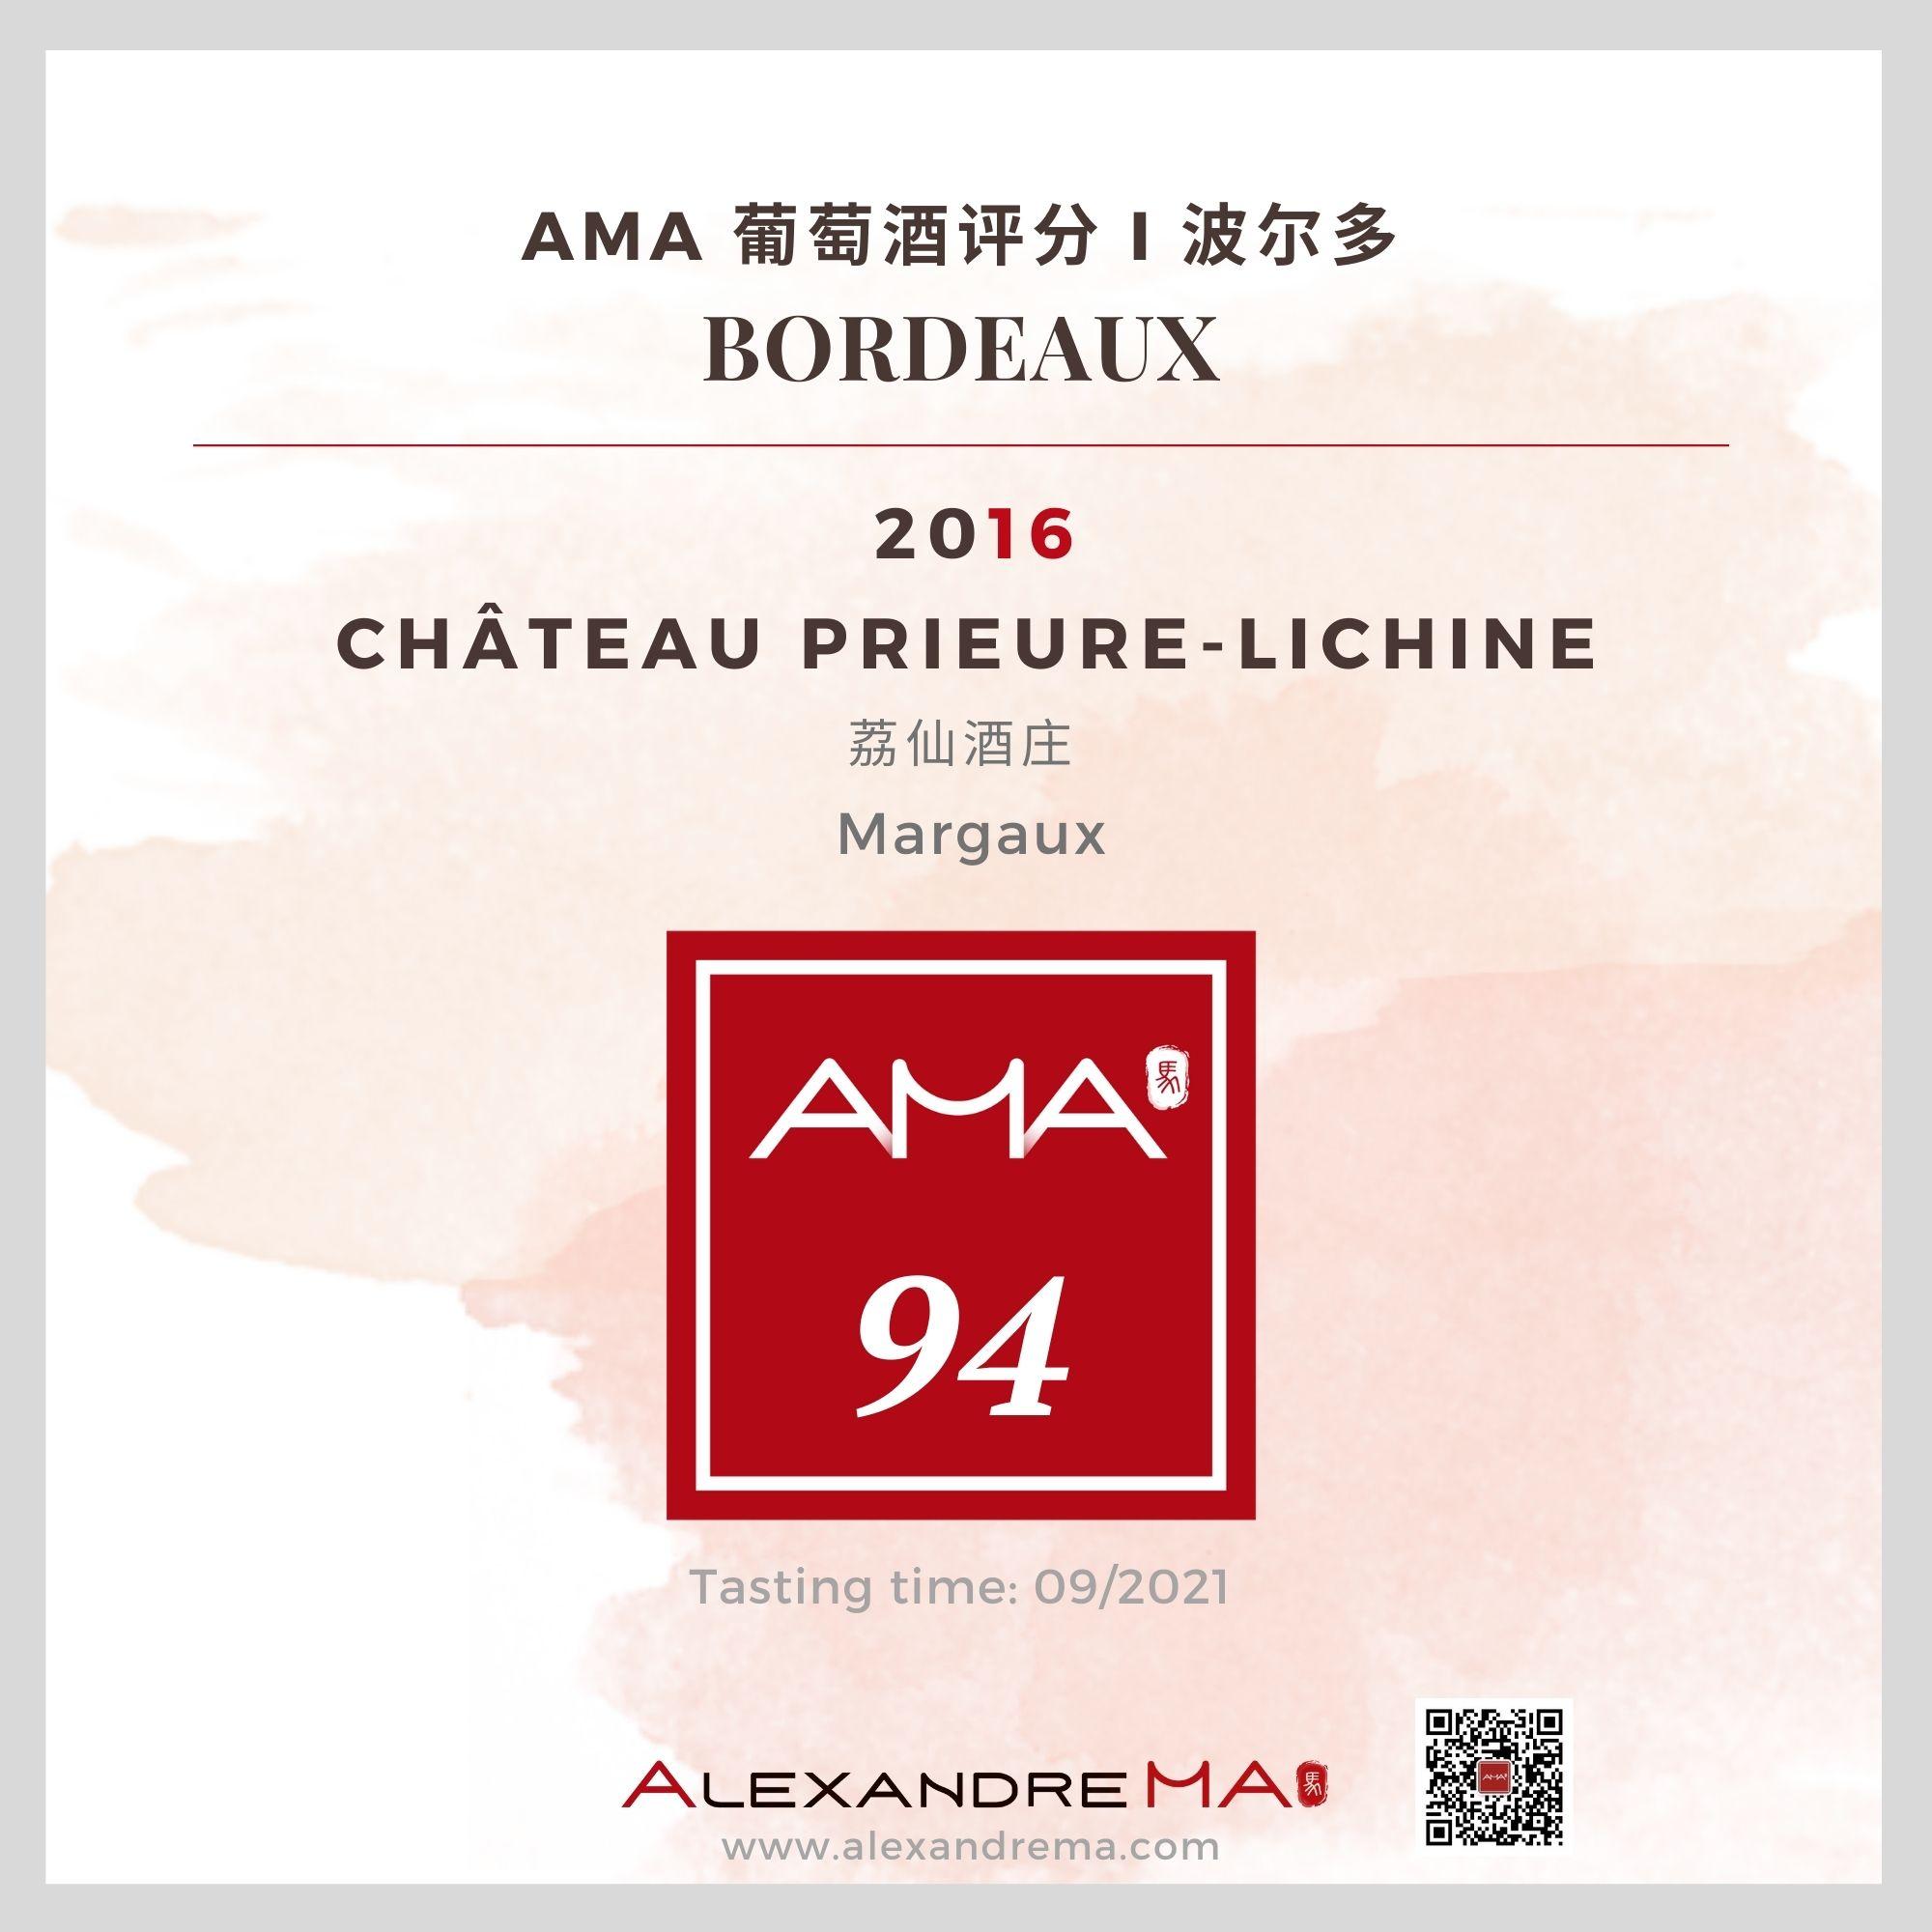 Château Prieuré-Lichine 2016 荔仙酒庄 - Alexandre Ma